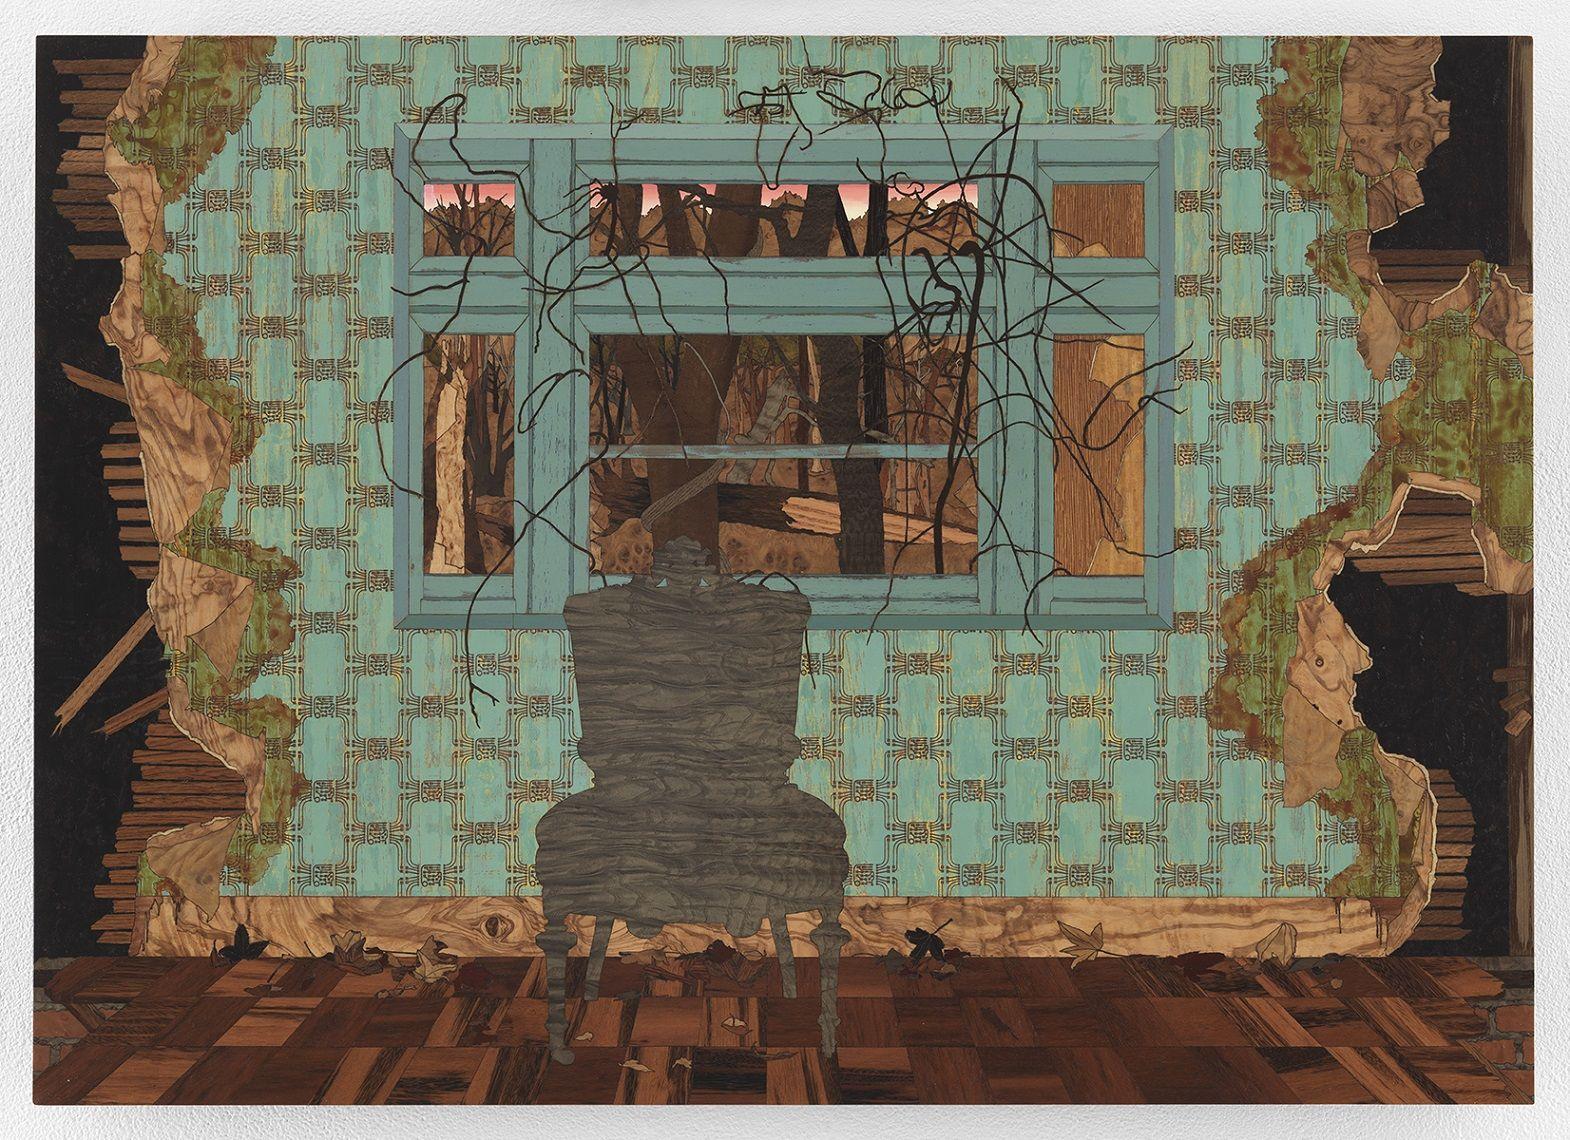 ALISON ELIZABETH TAYLOR, Study for Wall B